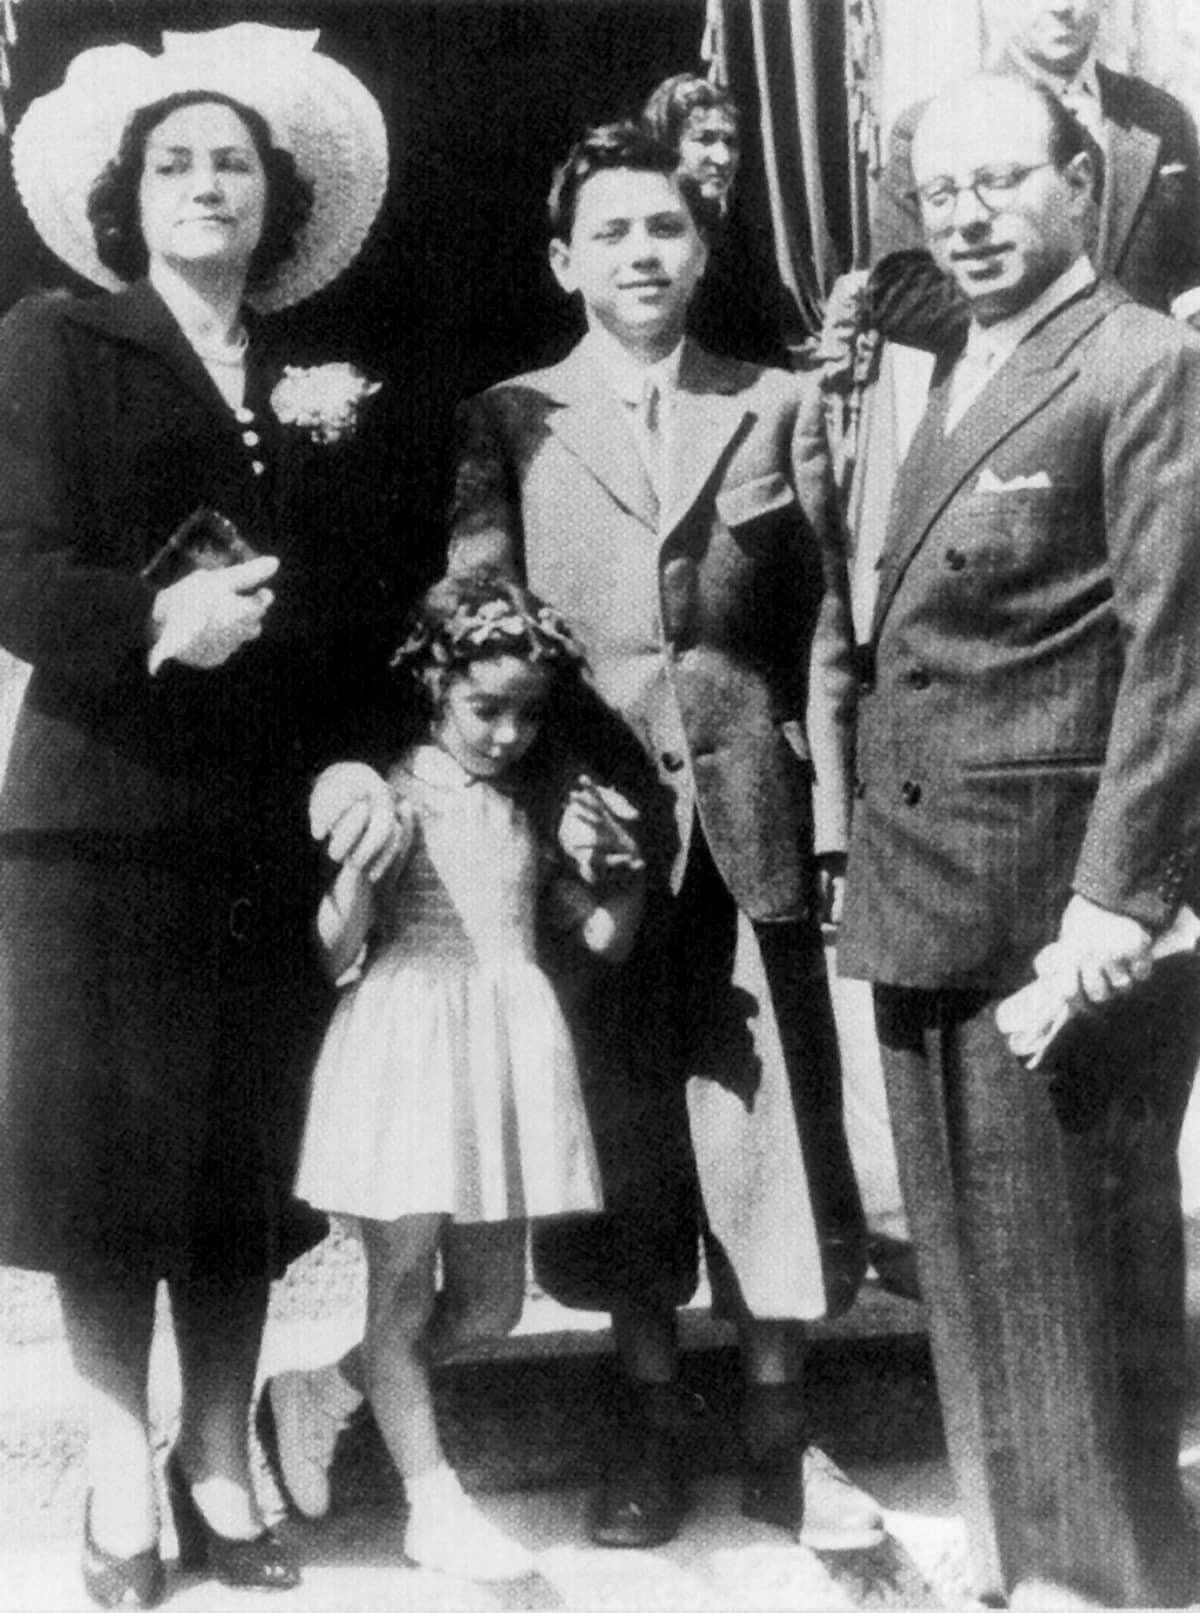 Päiväämätön kuva Silvio Berlusconin perheestä. Kuvassa Silvion sisar Maria Antonietta sekä vanhemmat Rosa ja Luigi.